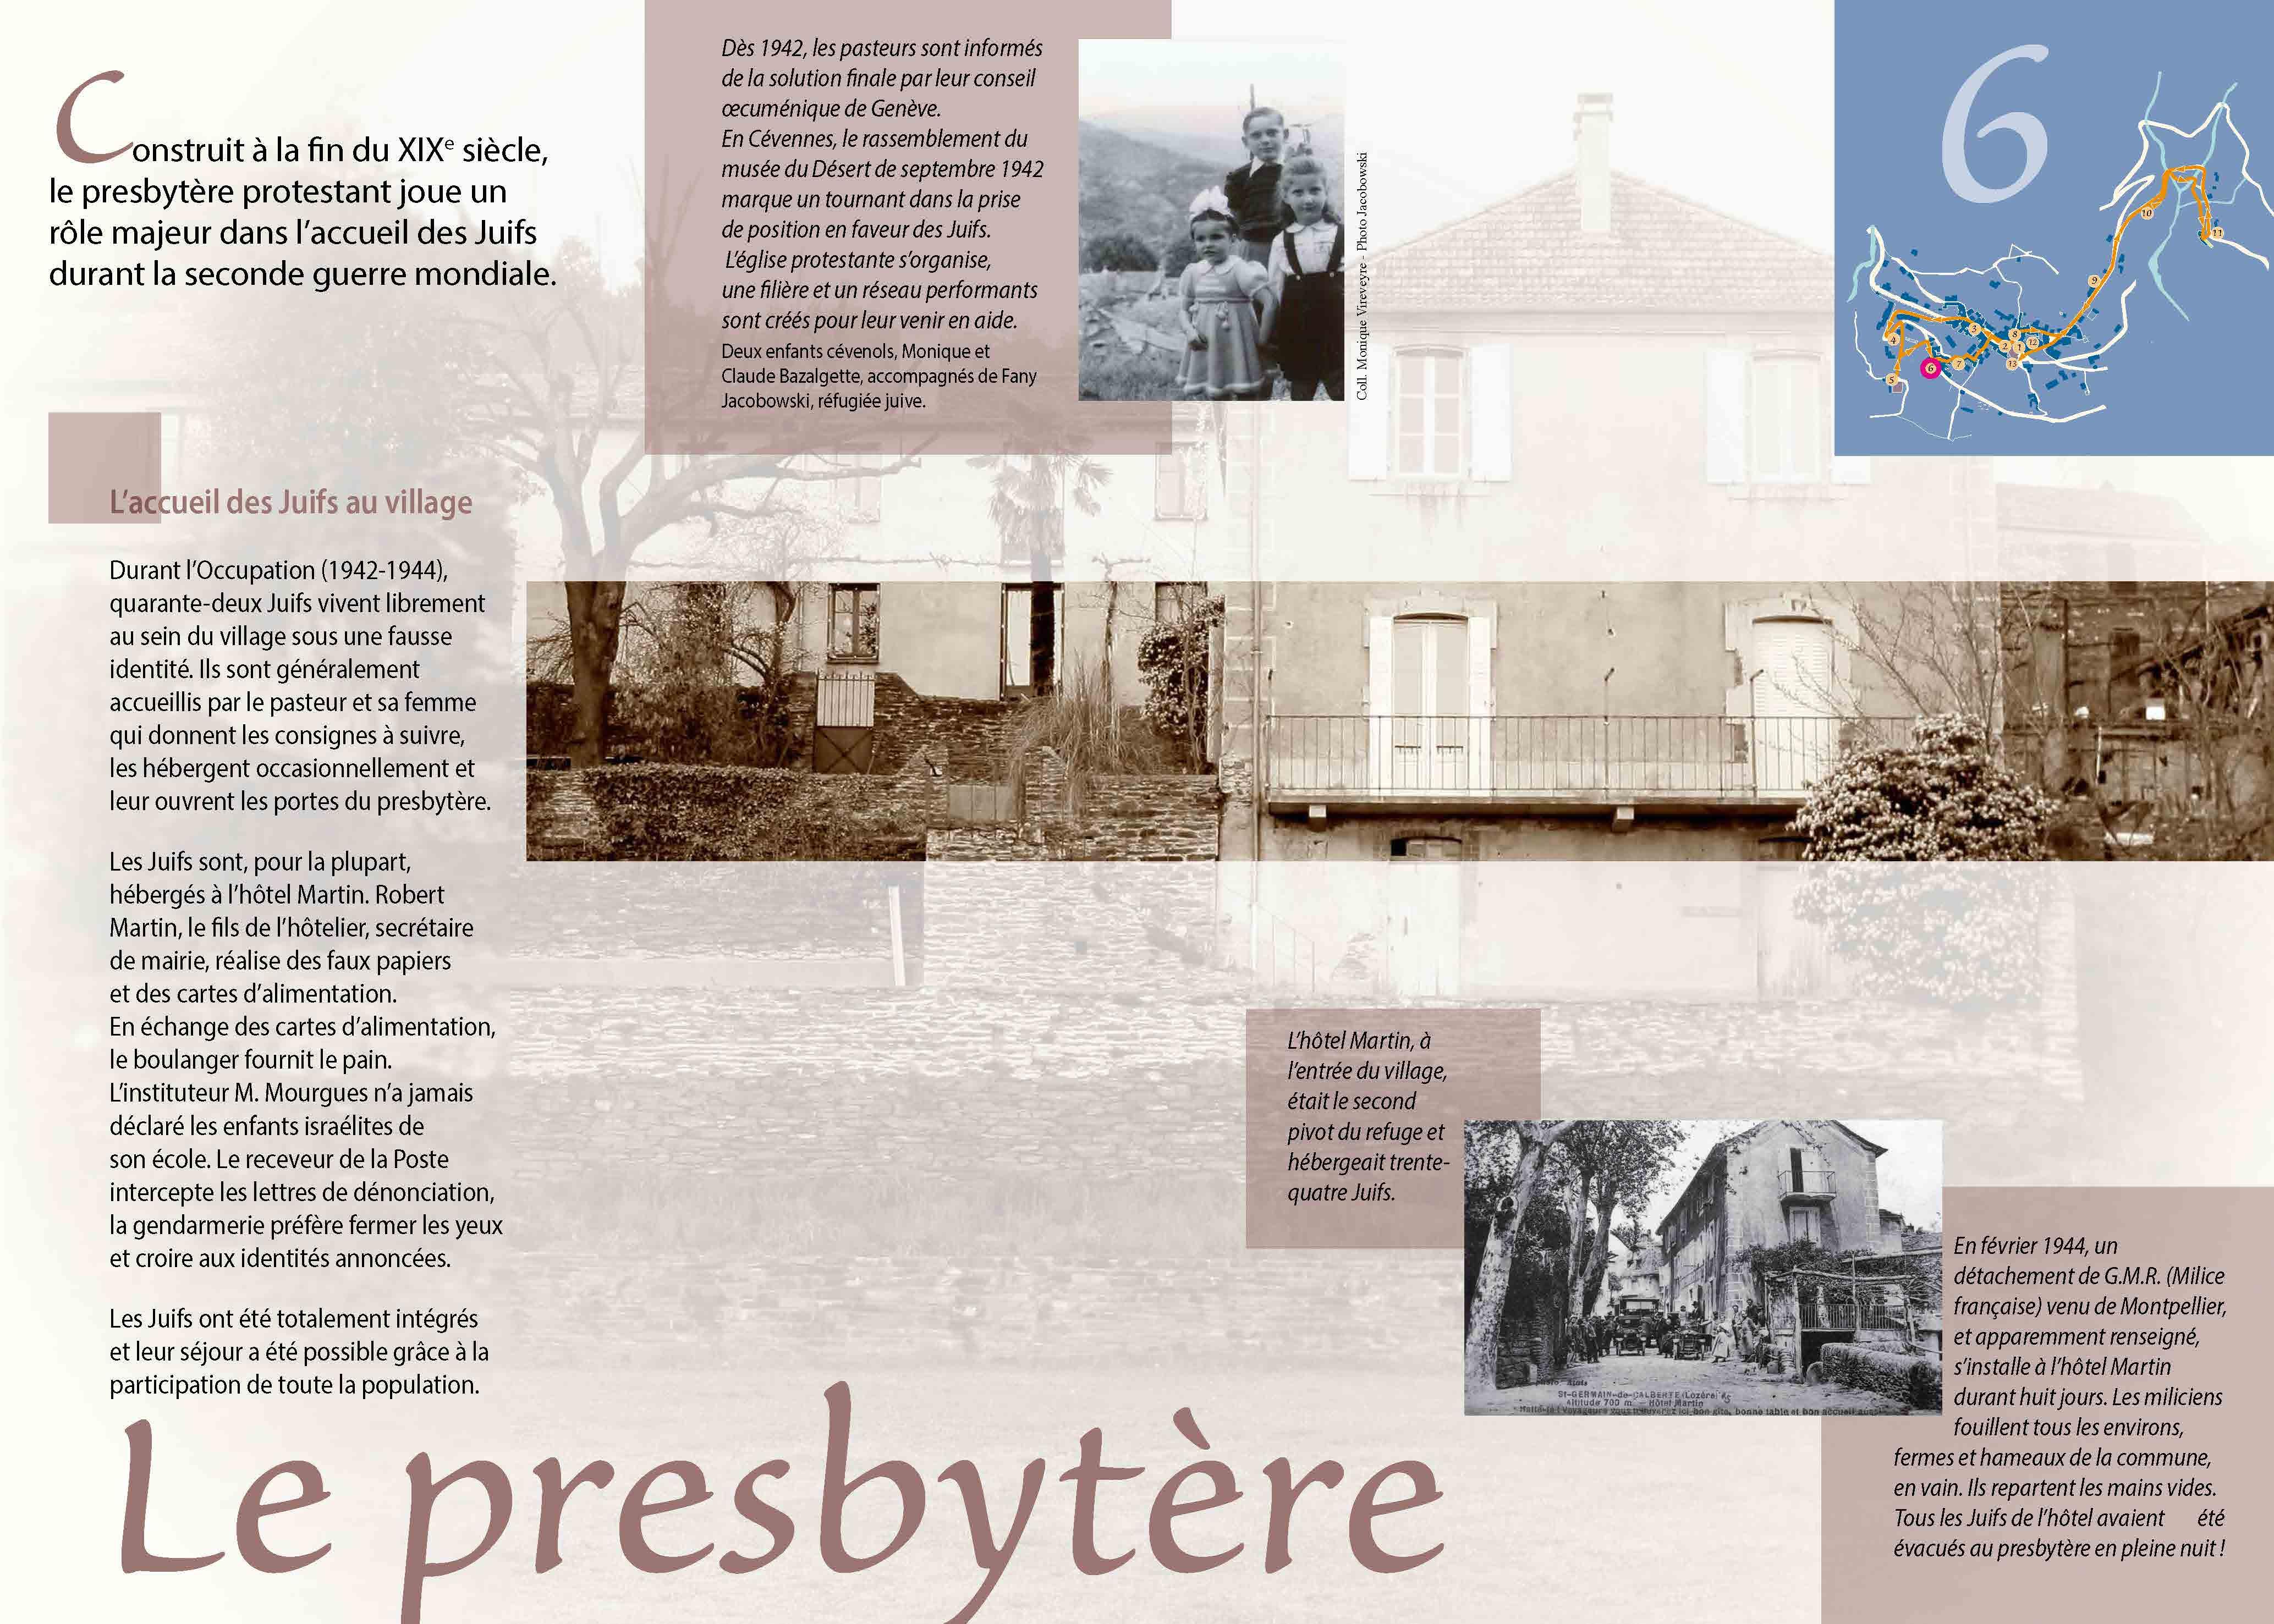 Le presbytère et la seconde guerre mondiale à Saint-Germain-de-Calberte